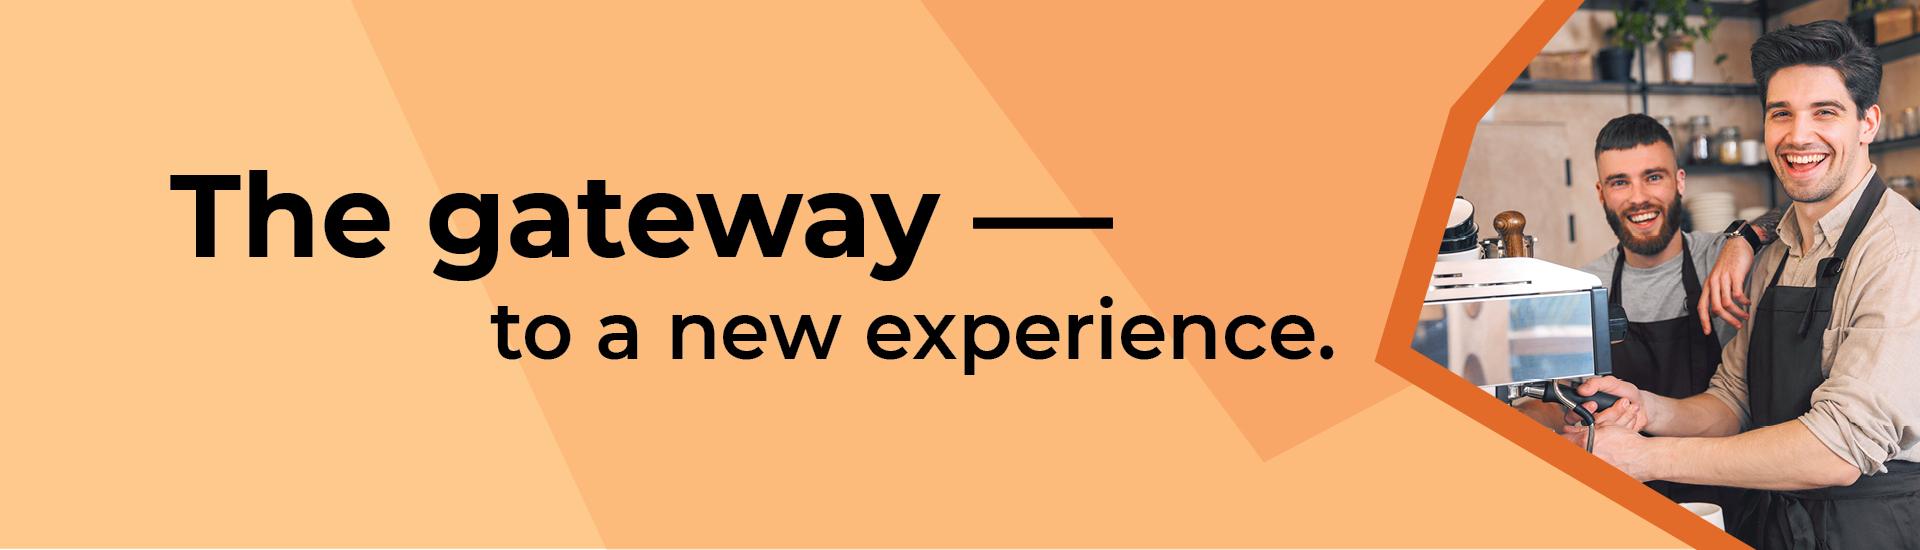 gateway-experience-hero4